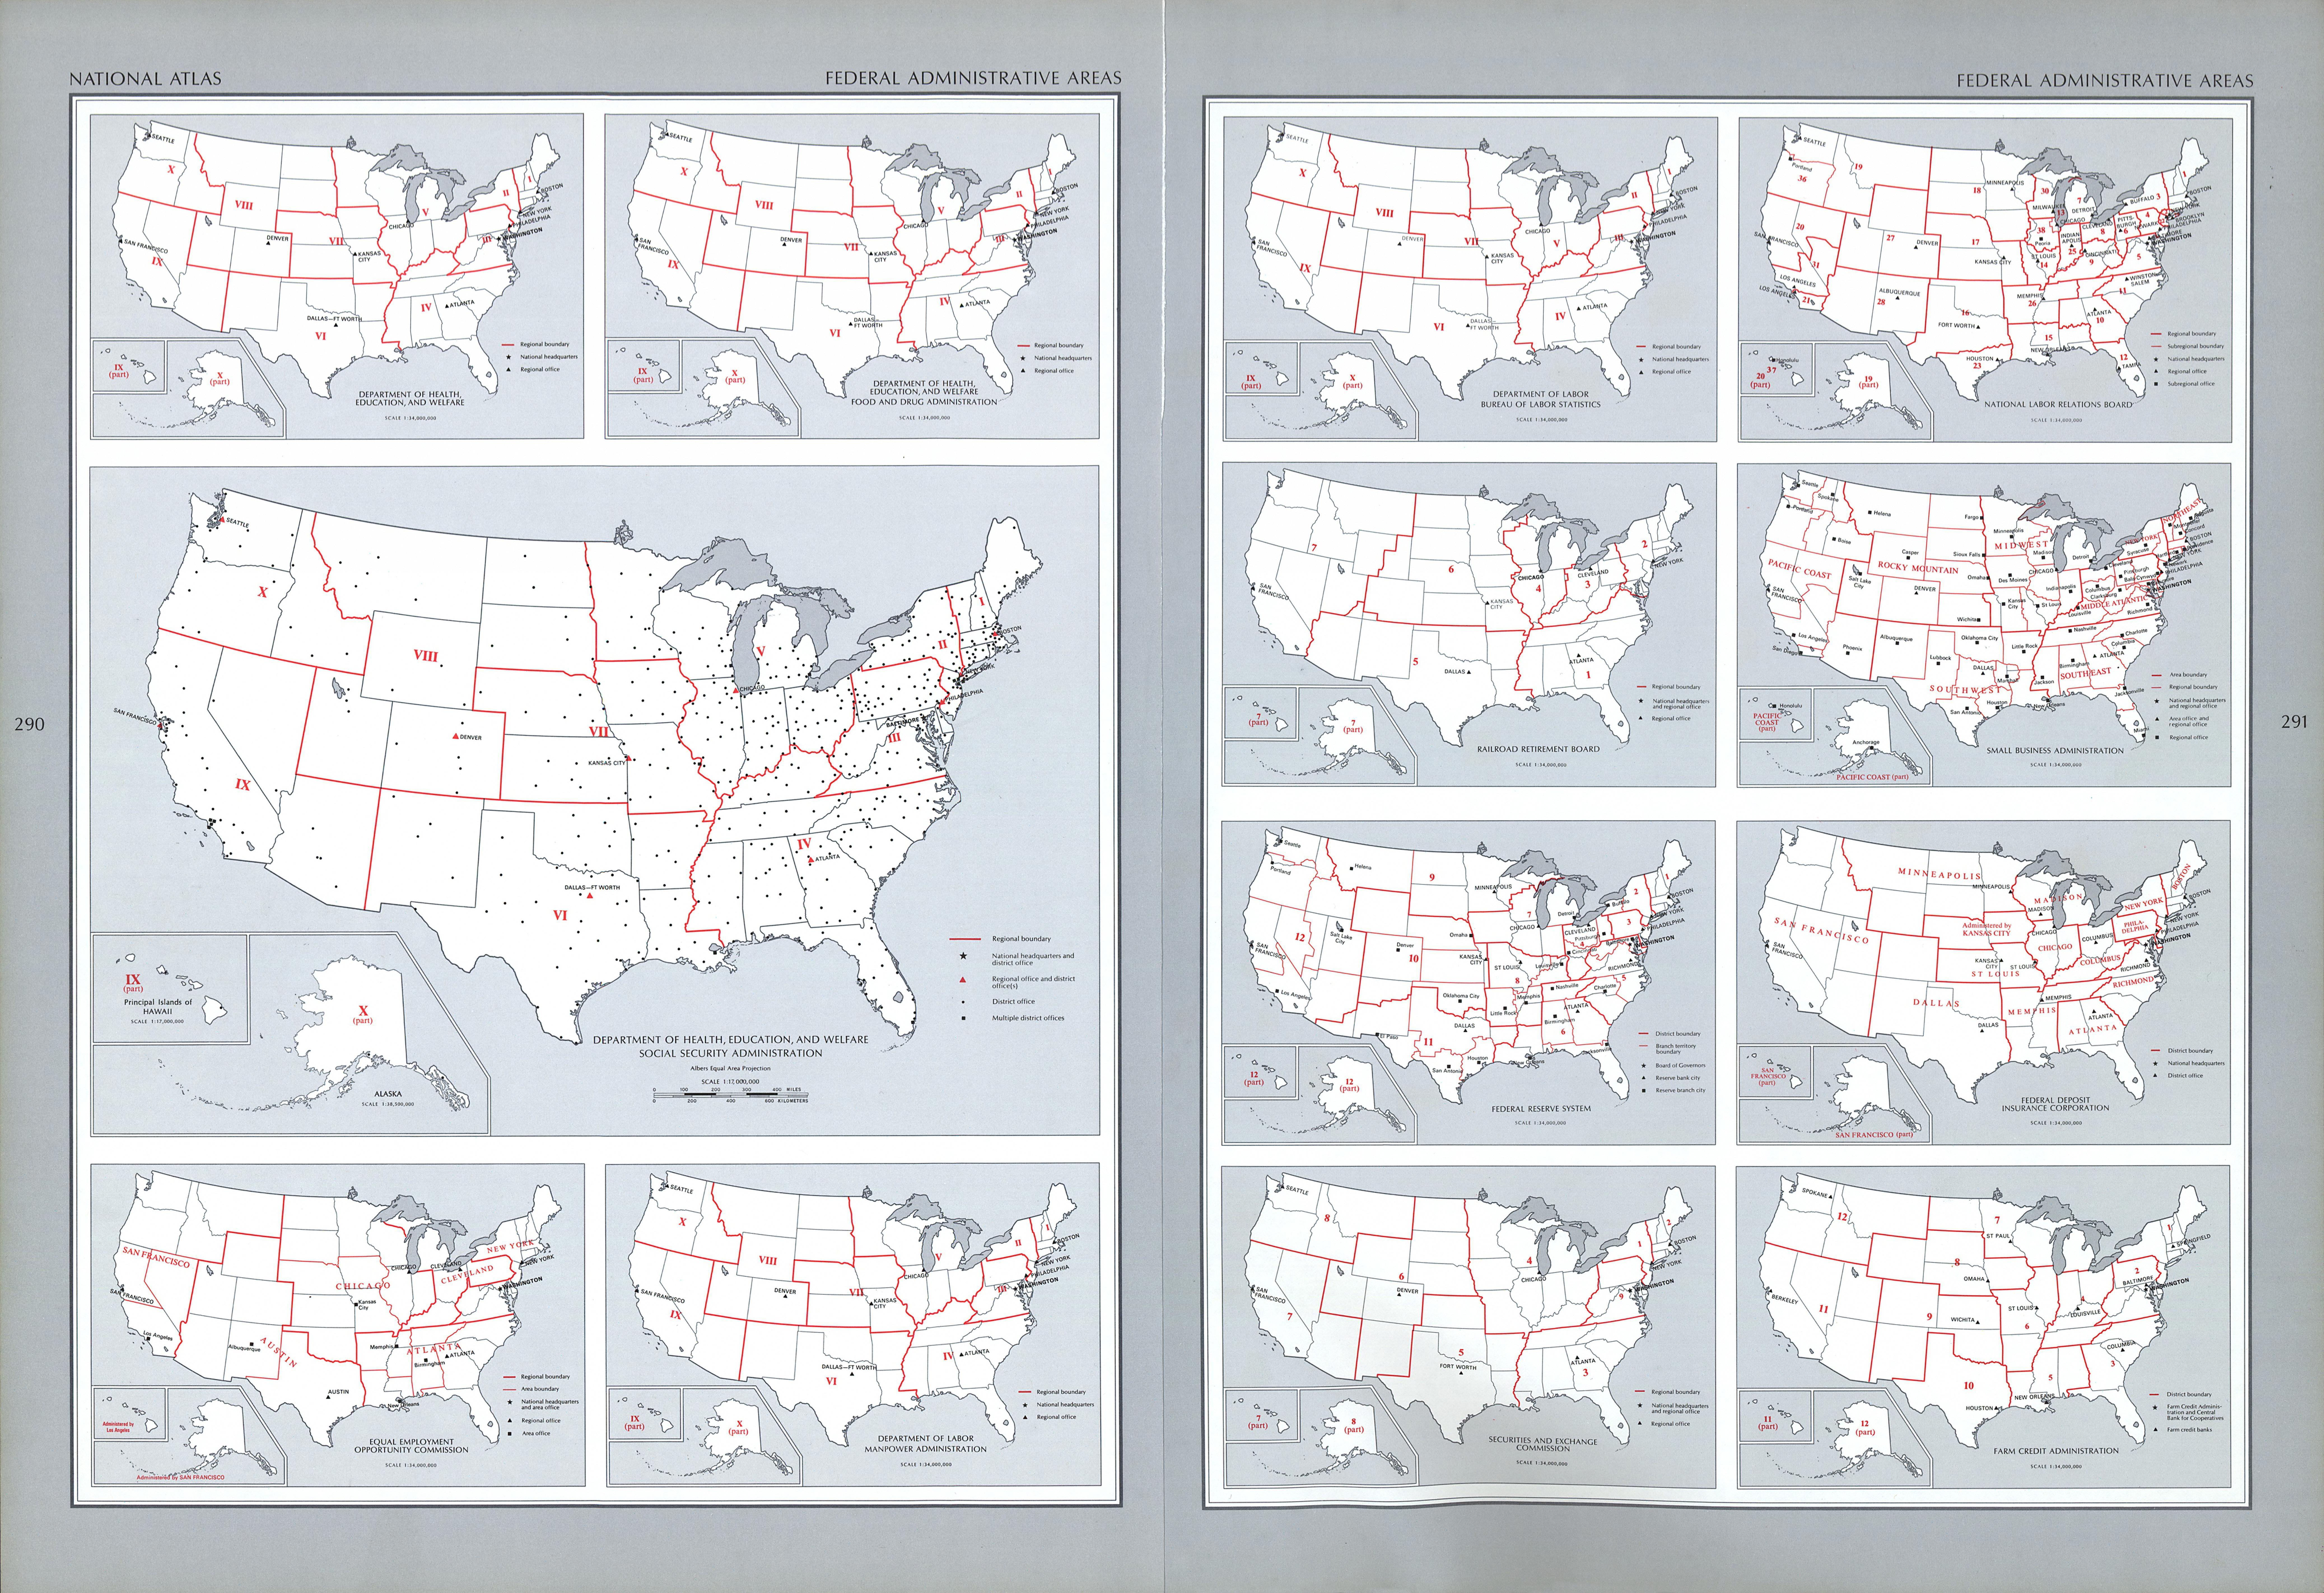 Mapa de las Zonas Administrativas Federal, Estados Unidos